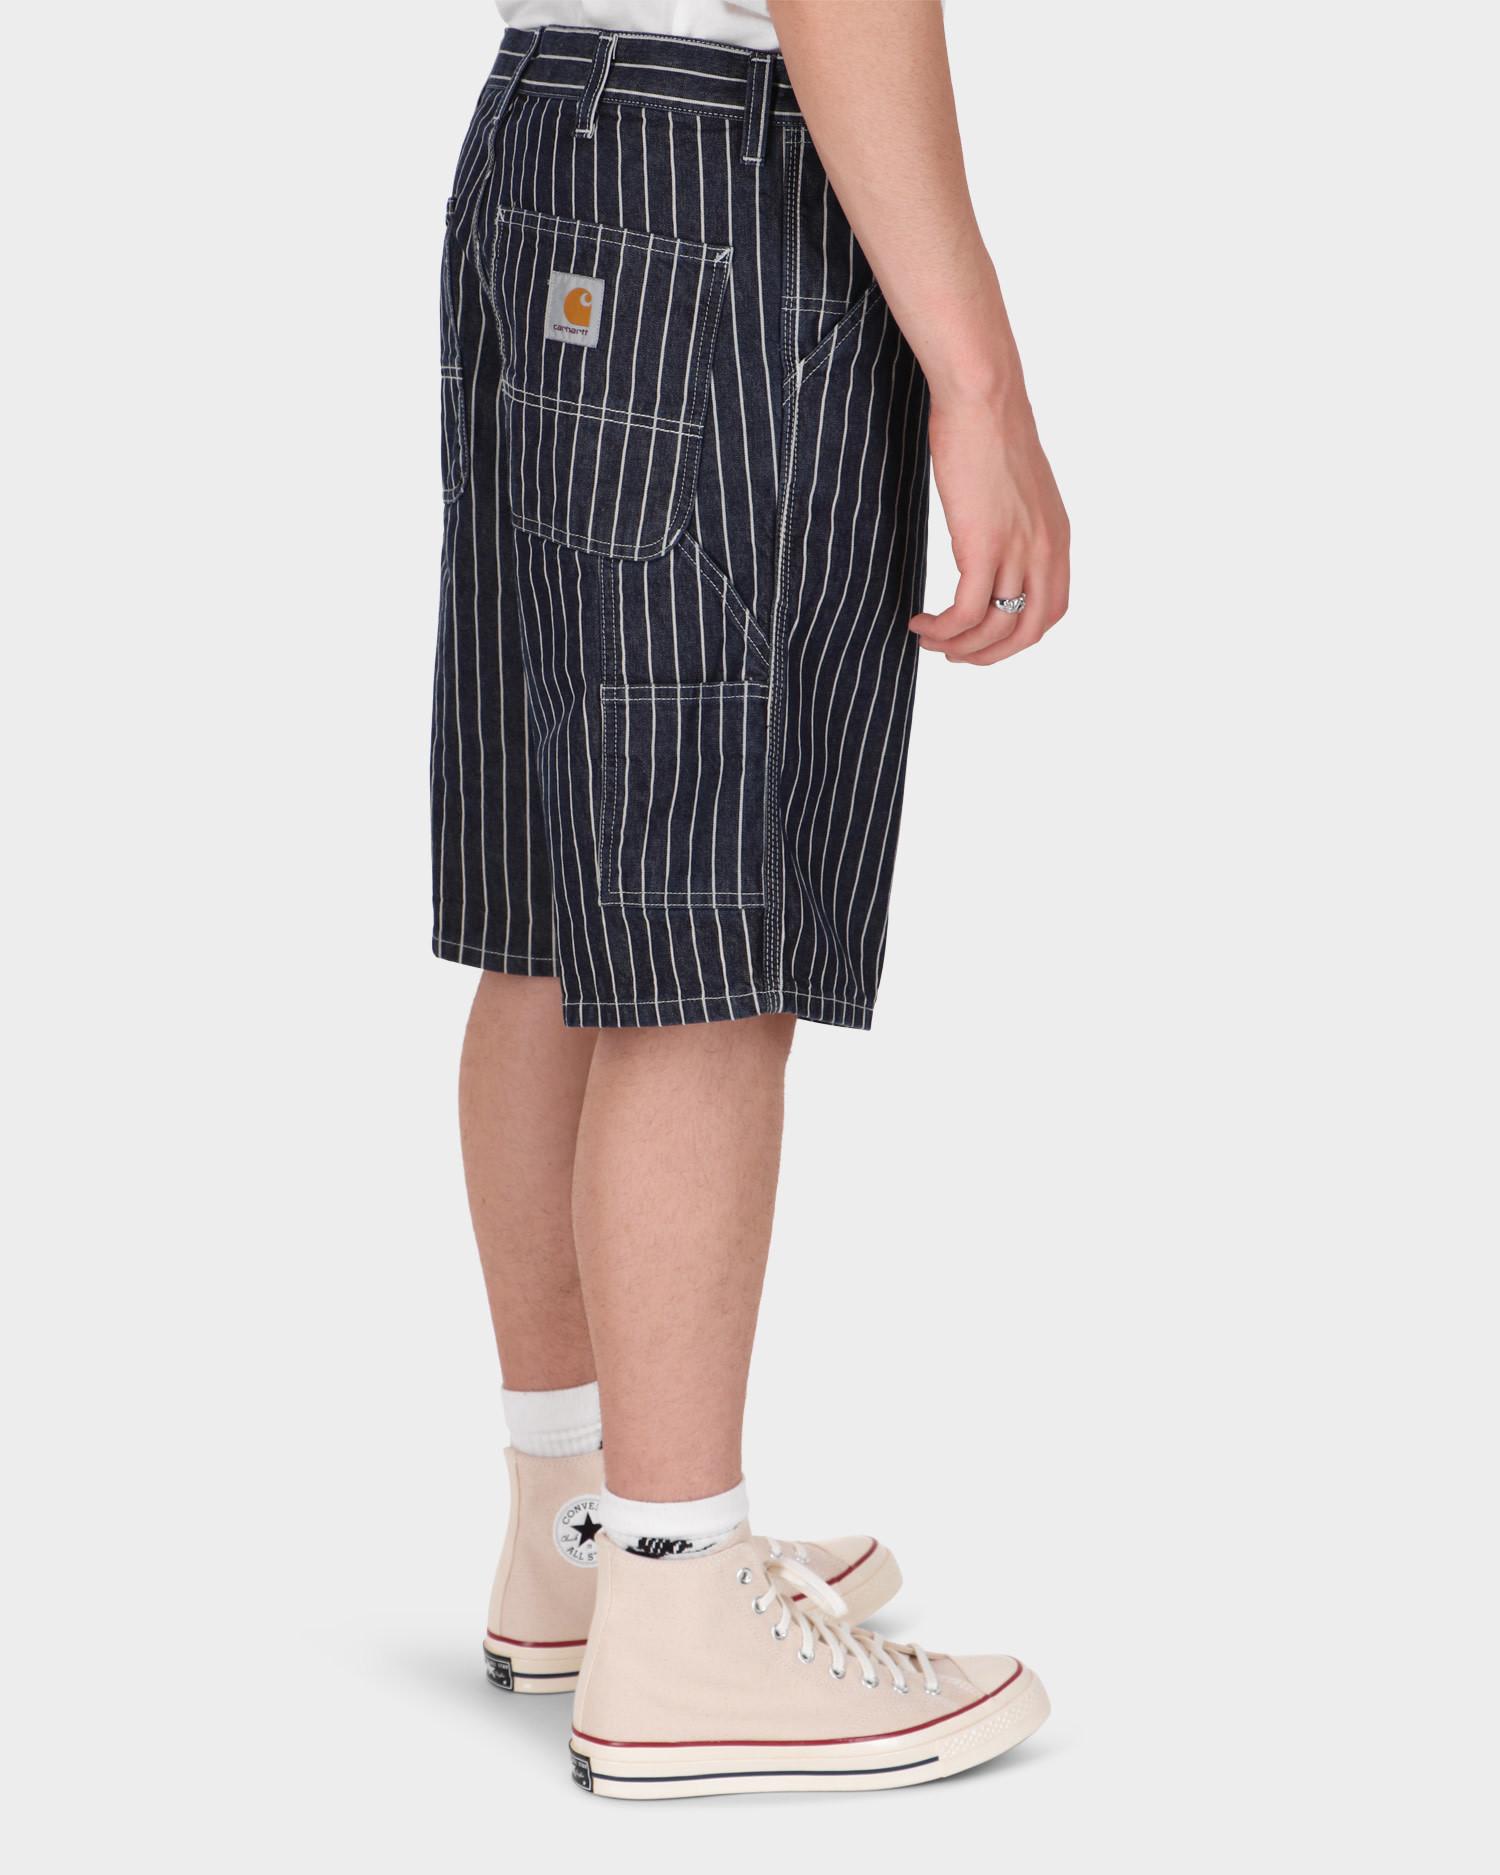 Carhartt Trade Single Knee Shorts Dark Navy/Wax Rinsed